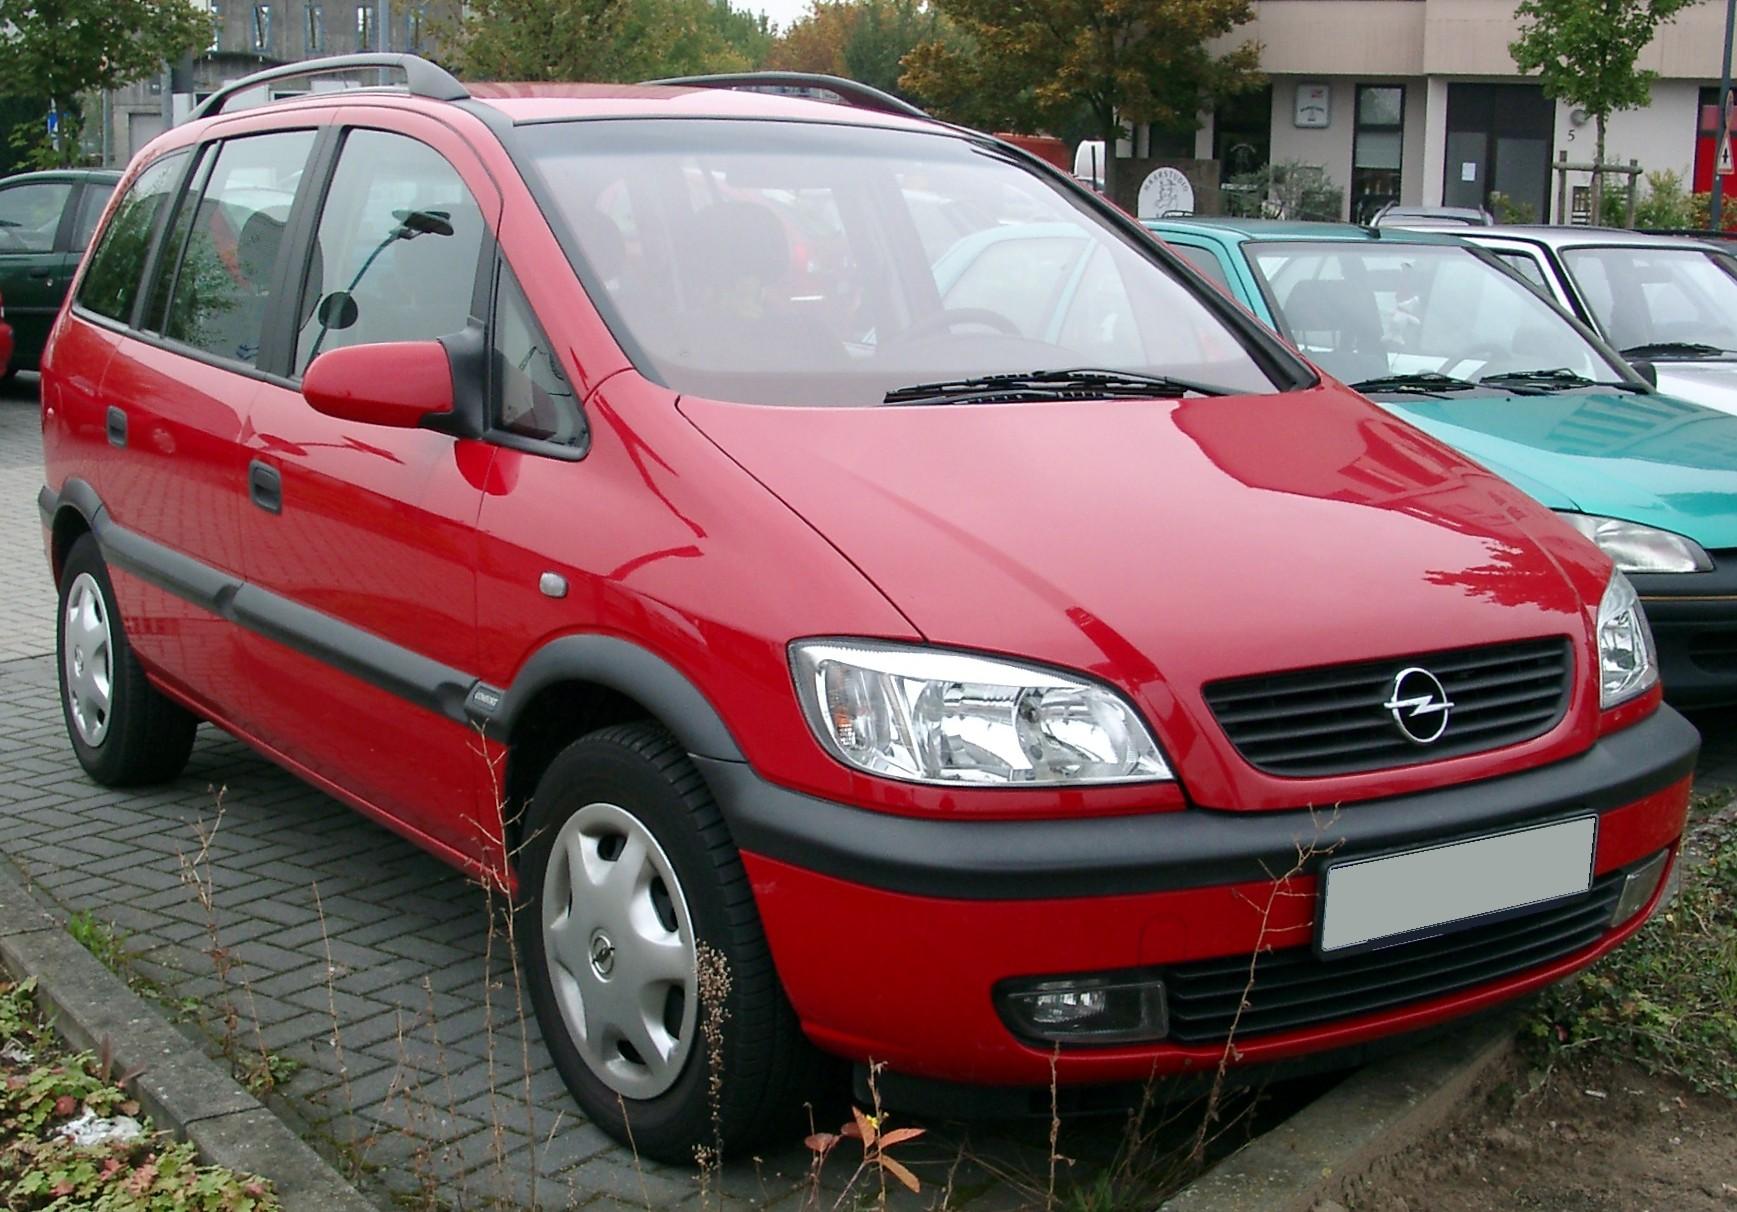 Schema Elettrico Per Kg : Opel zafira wikipedia